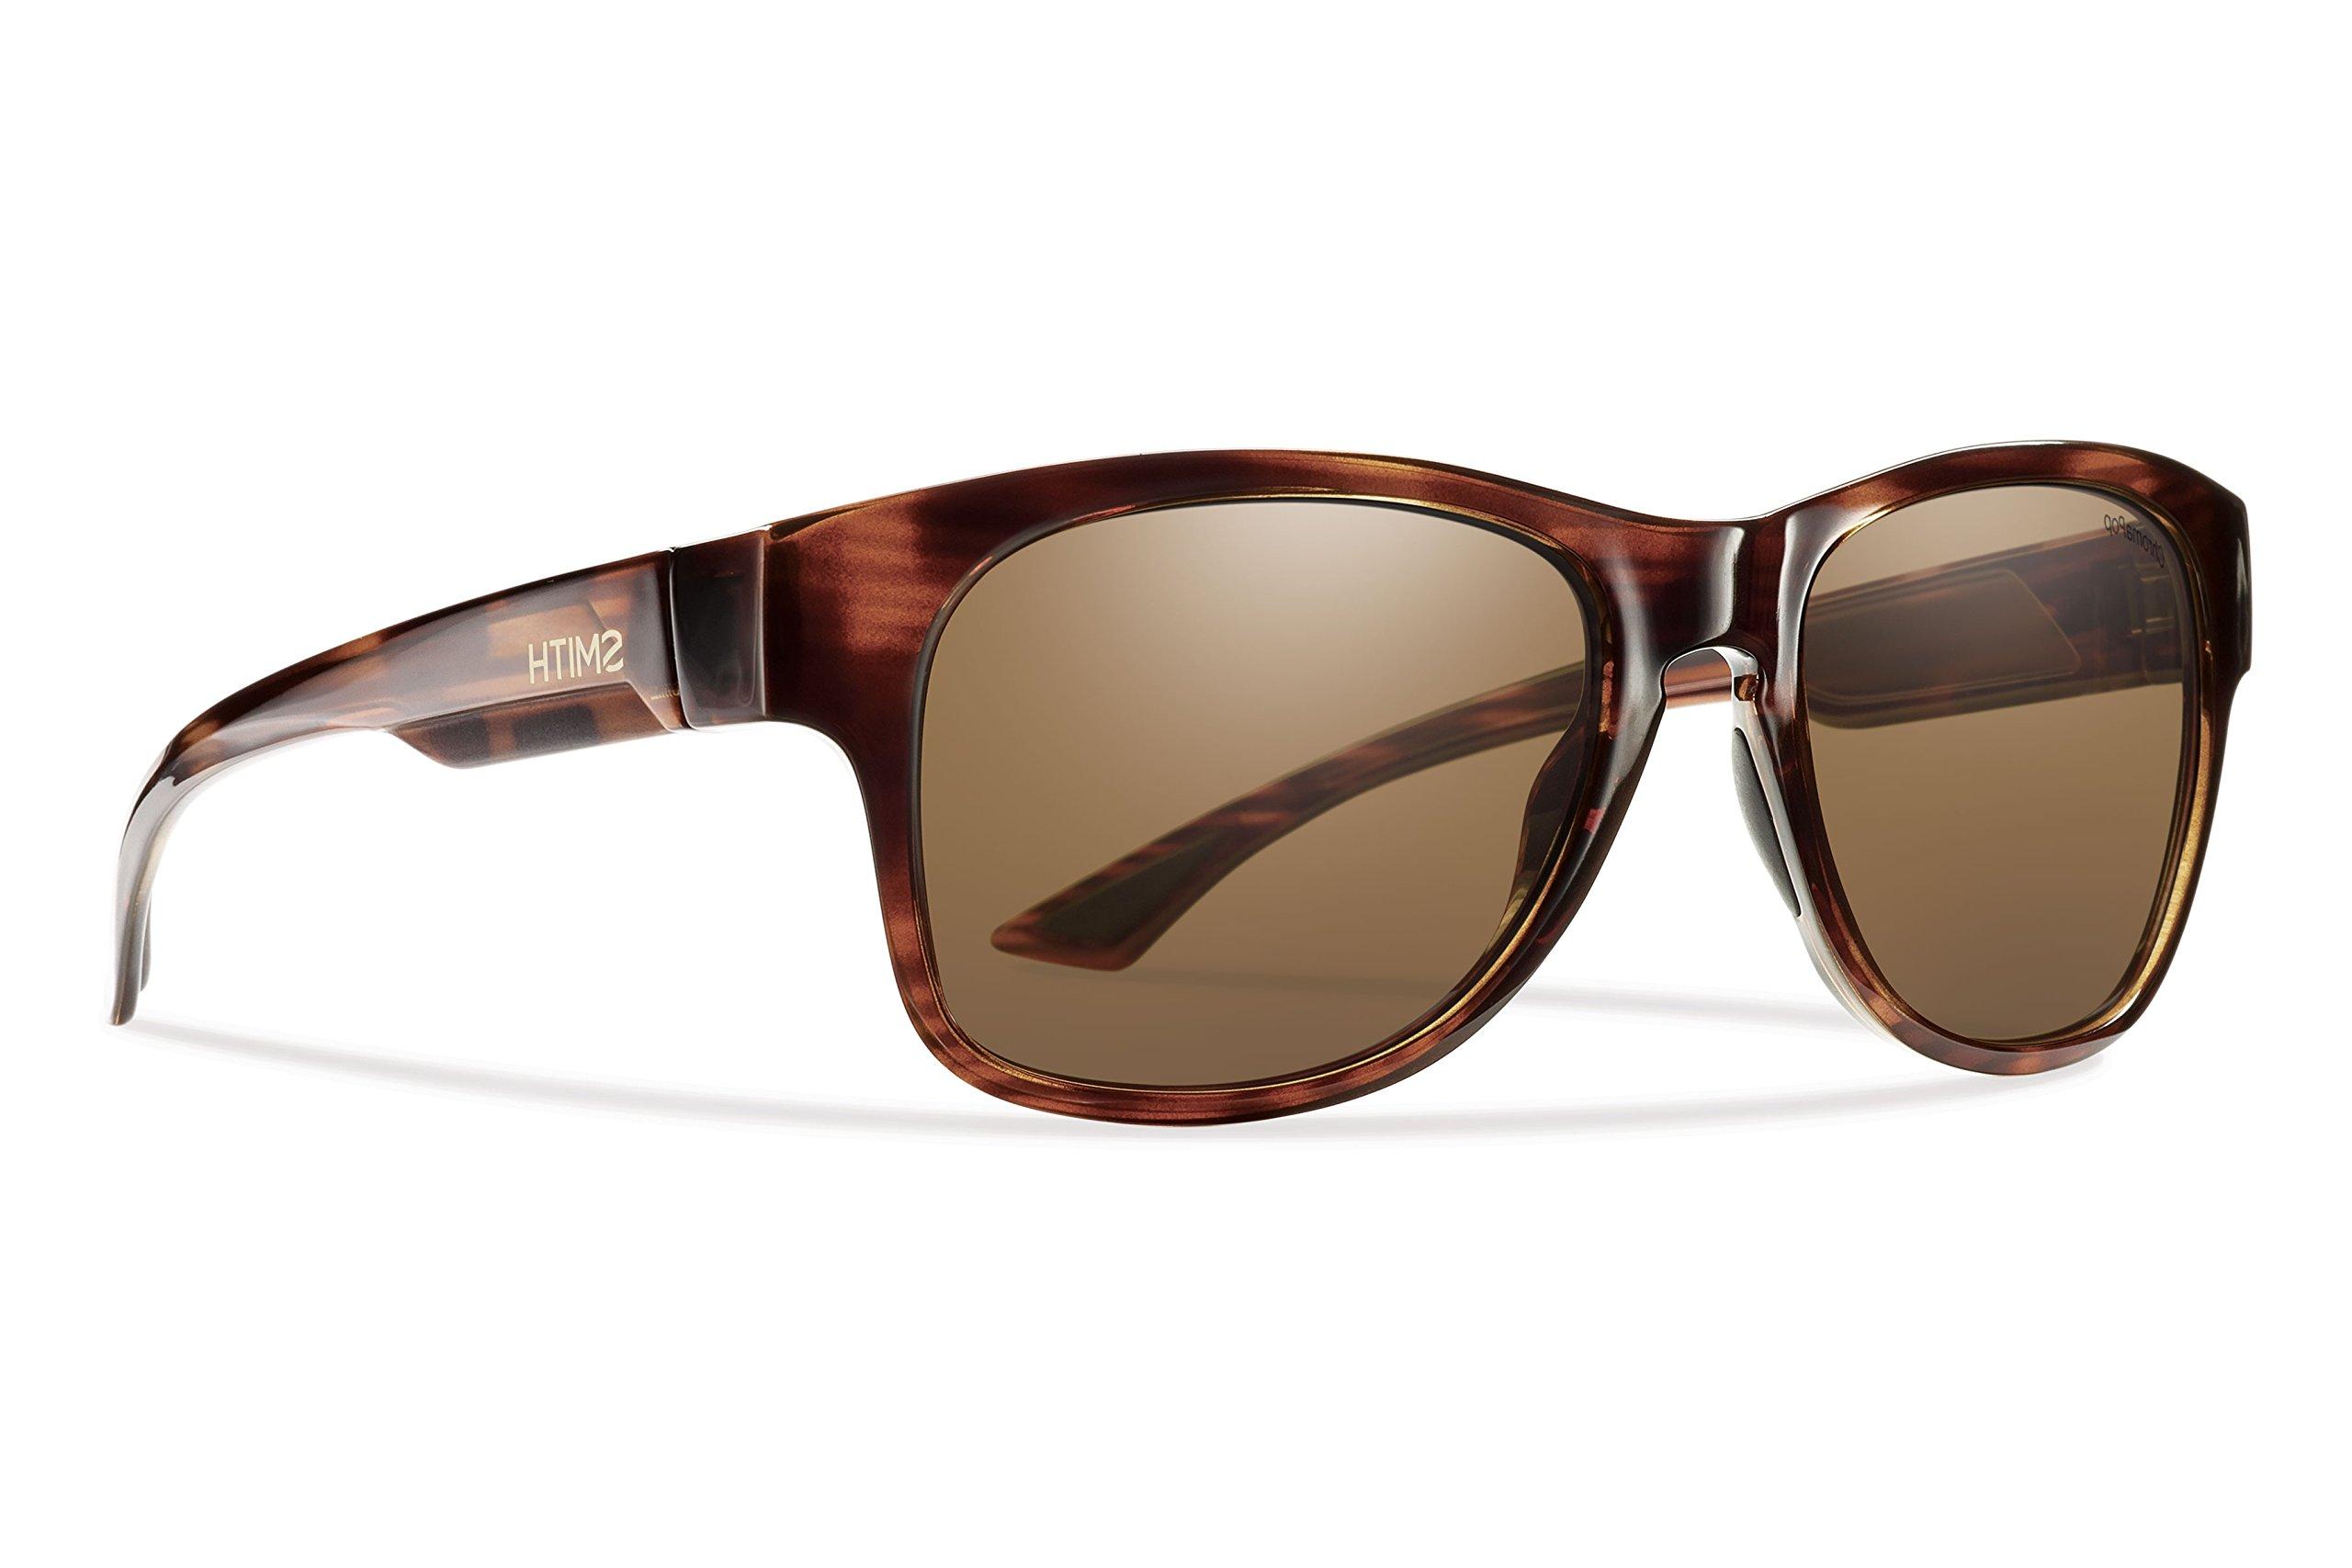 a9224c37ca2 Smith Optics Wayward Polarized Sunglasses